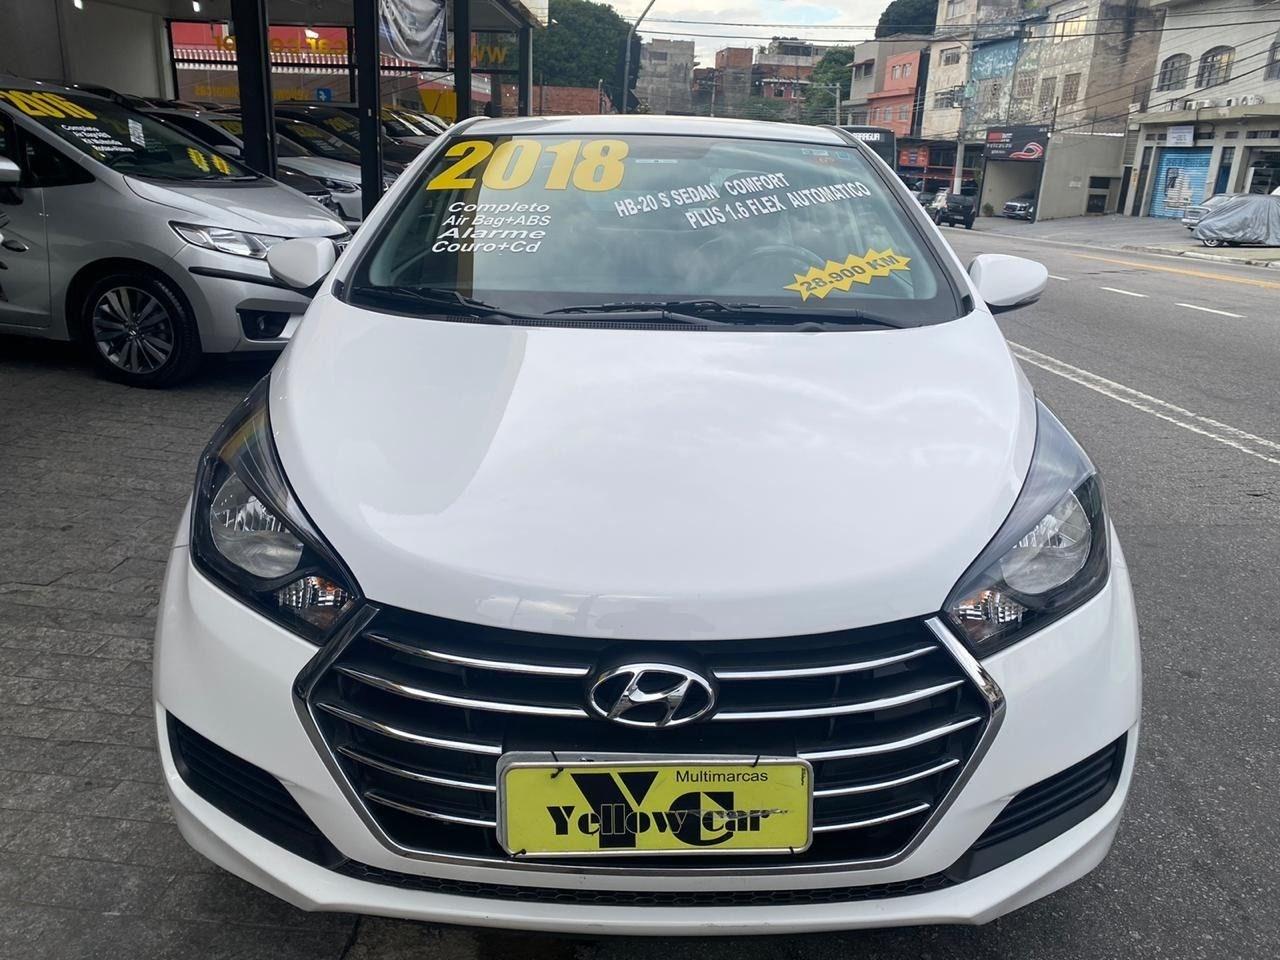 //www.autoline.com.br/carro/hyundai/hb20-16-comfort-plus-16v-flex-4p-automatico/2018/sao-paulo-sp/10018514